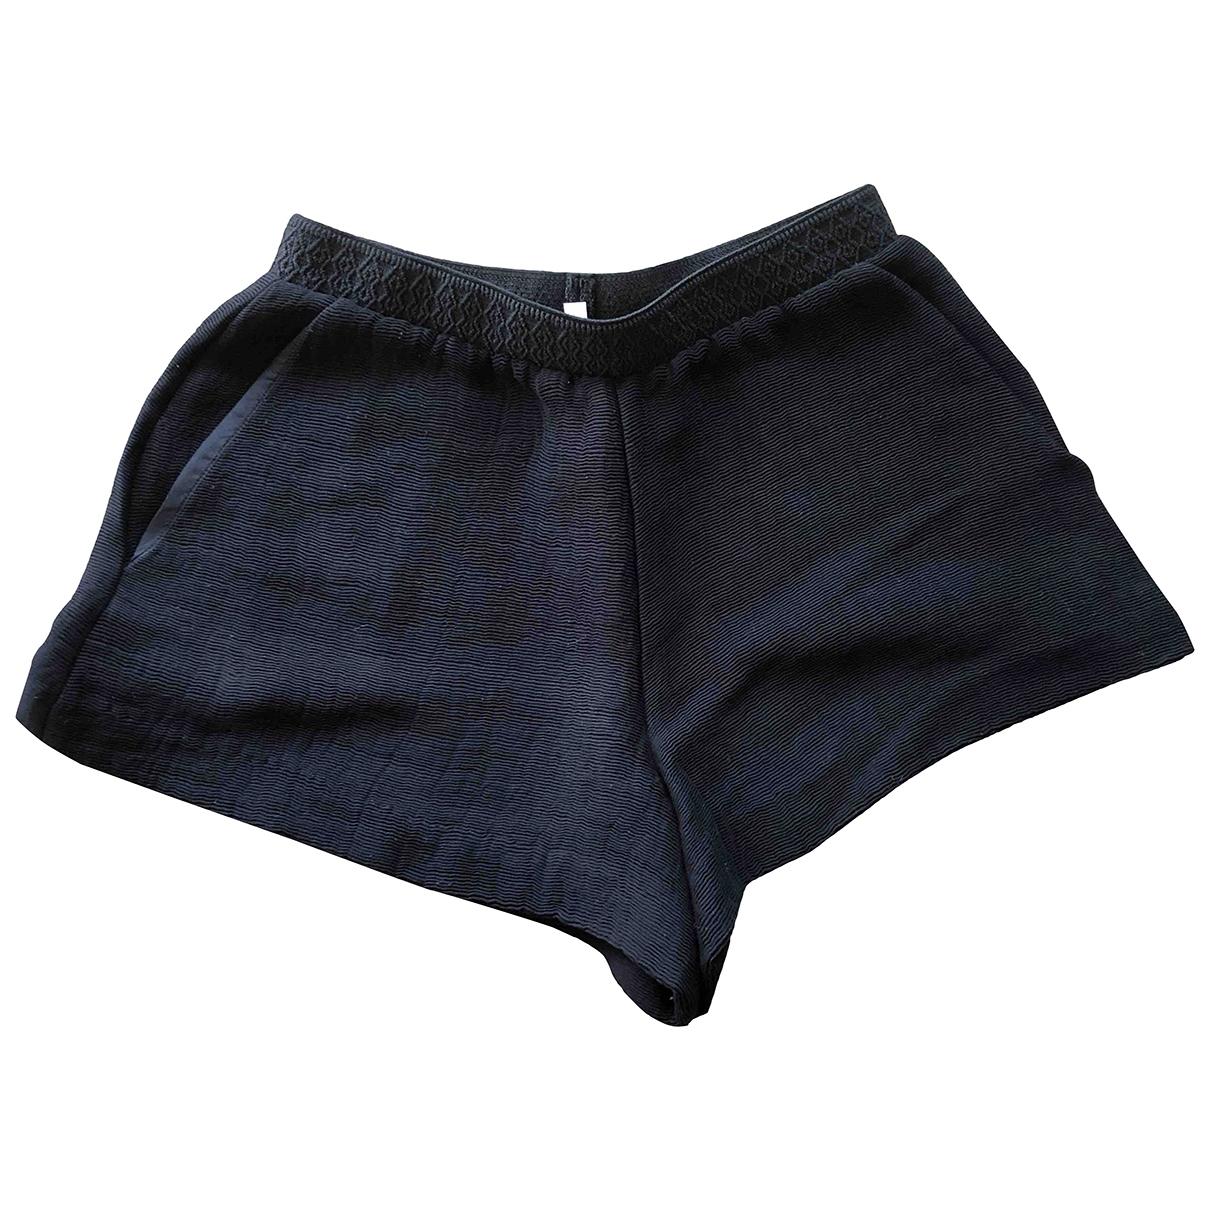 Maje \N Shorts in  Schwarz Baumwolle